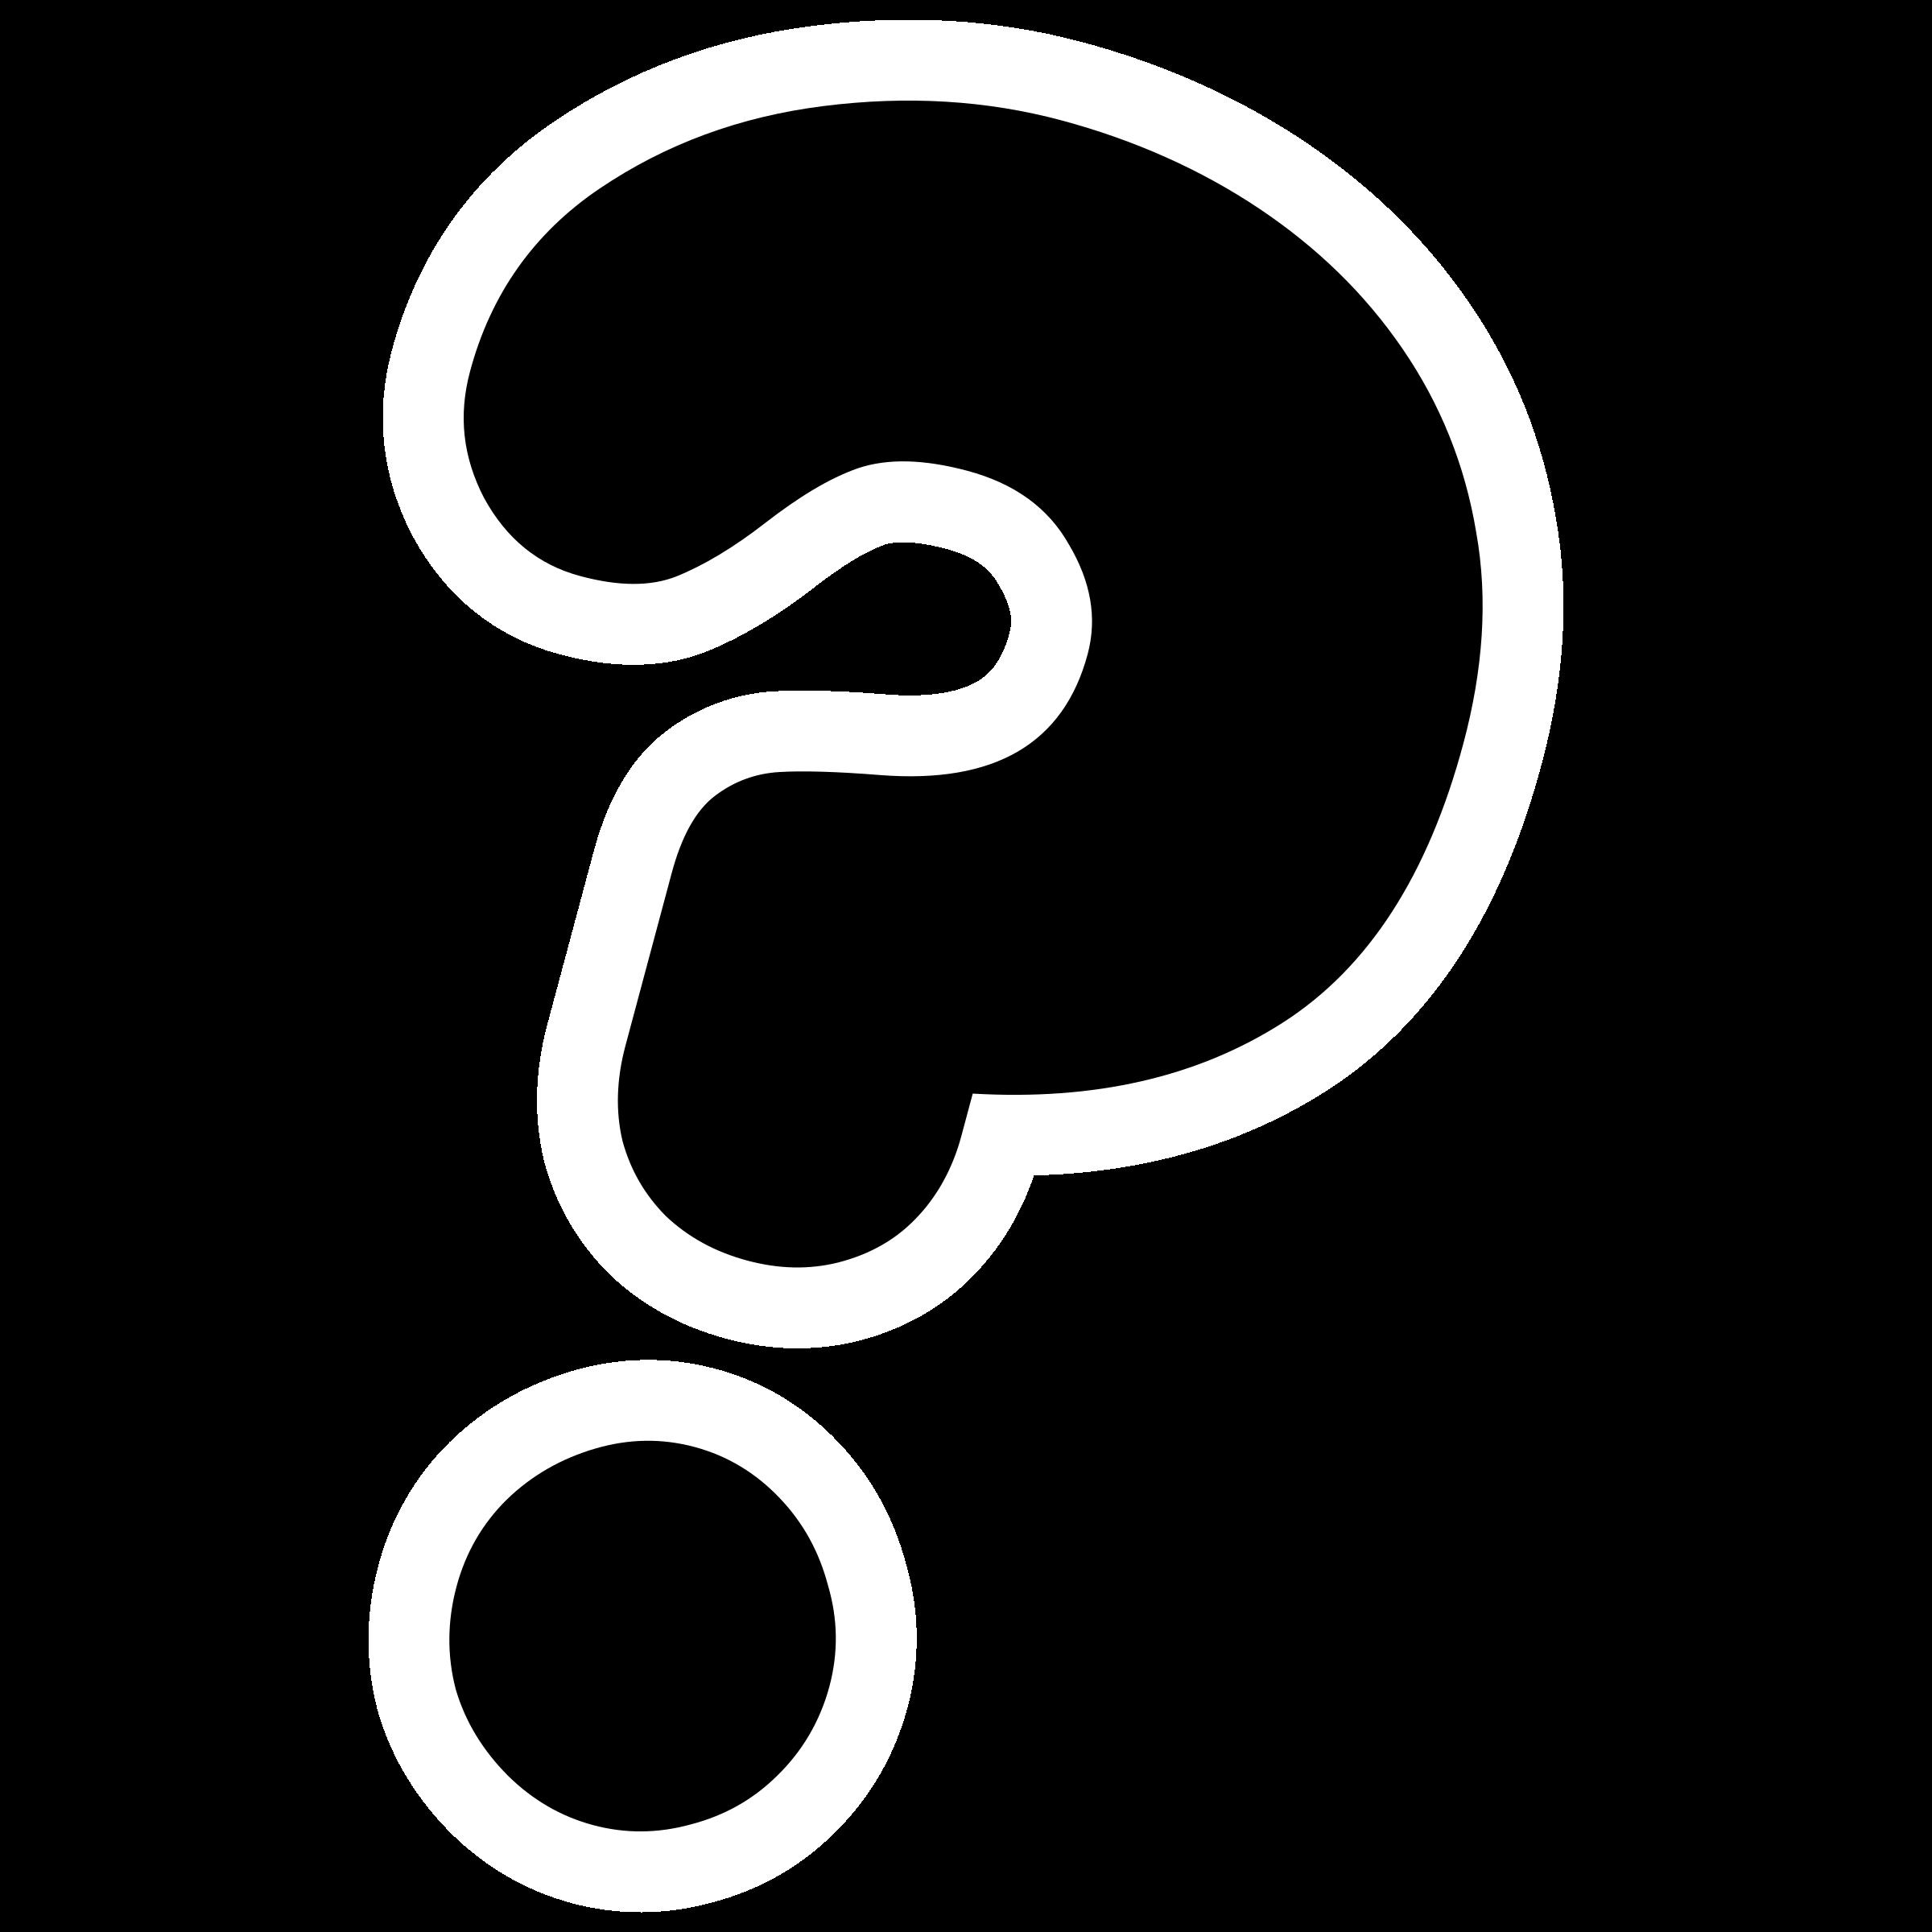 Question Mark Clipart U0026amp; Question-Question Mark Clipart u0026amp; Question Mark Clip Art Images - ClipartALL clipartall.com-14